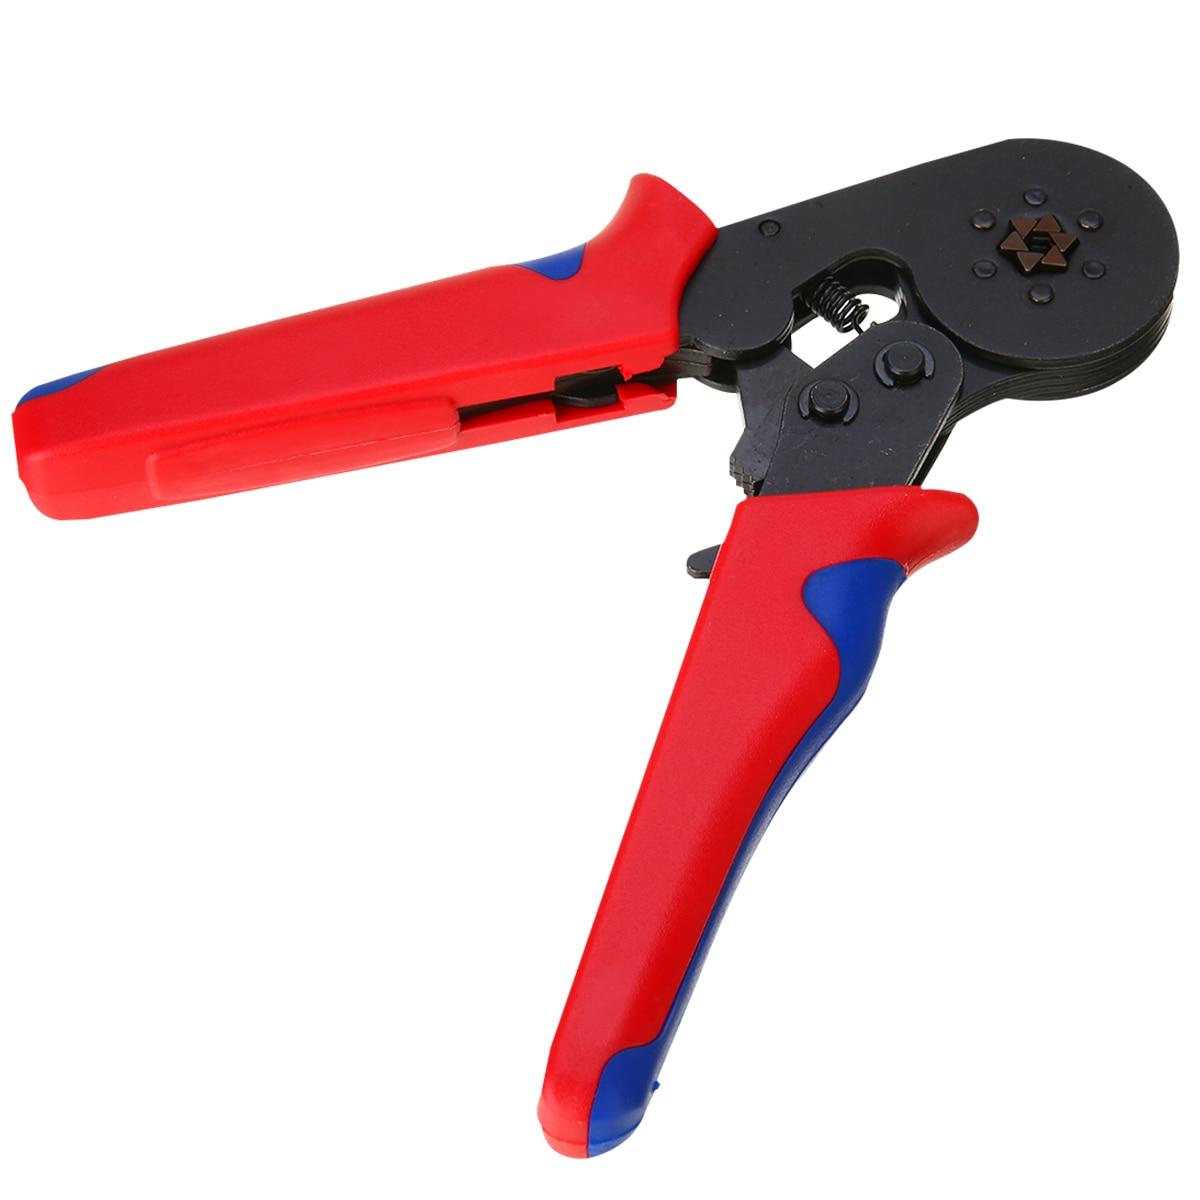 1 Pc Self Adjusting Ratcheting Ferrule Crimper Plier HSC8 6-6 Crimping Tool